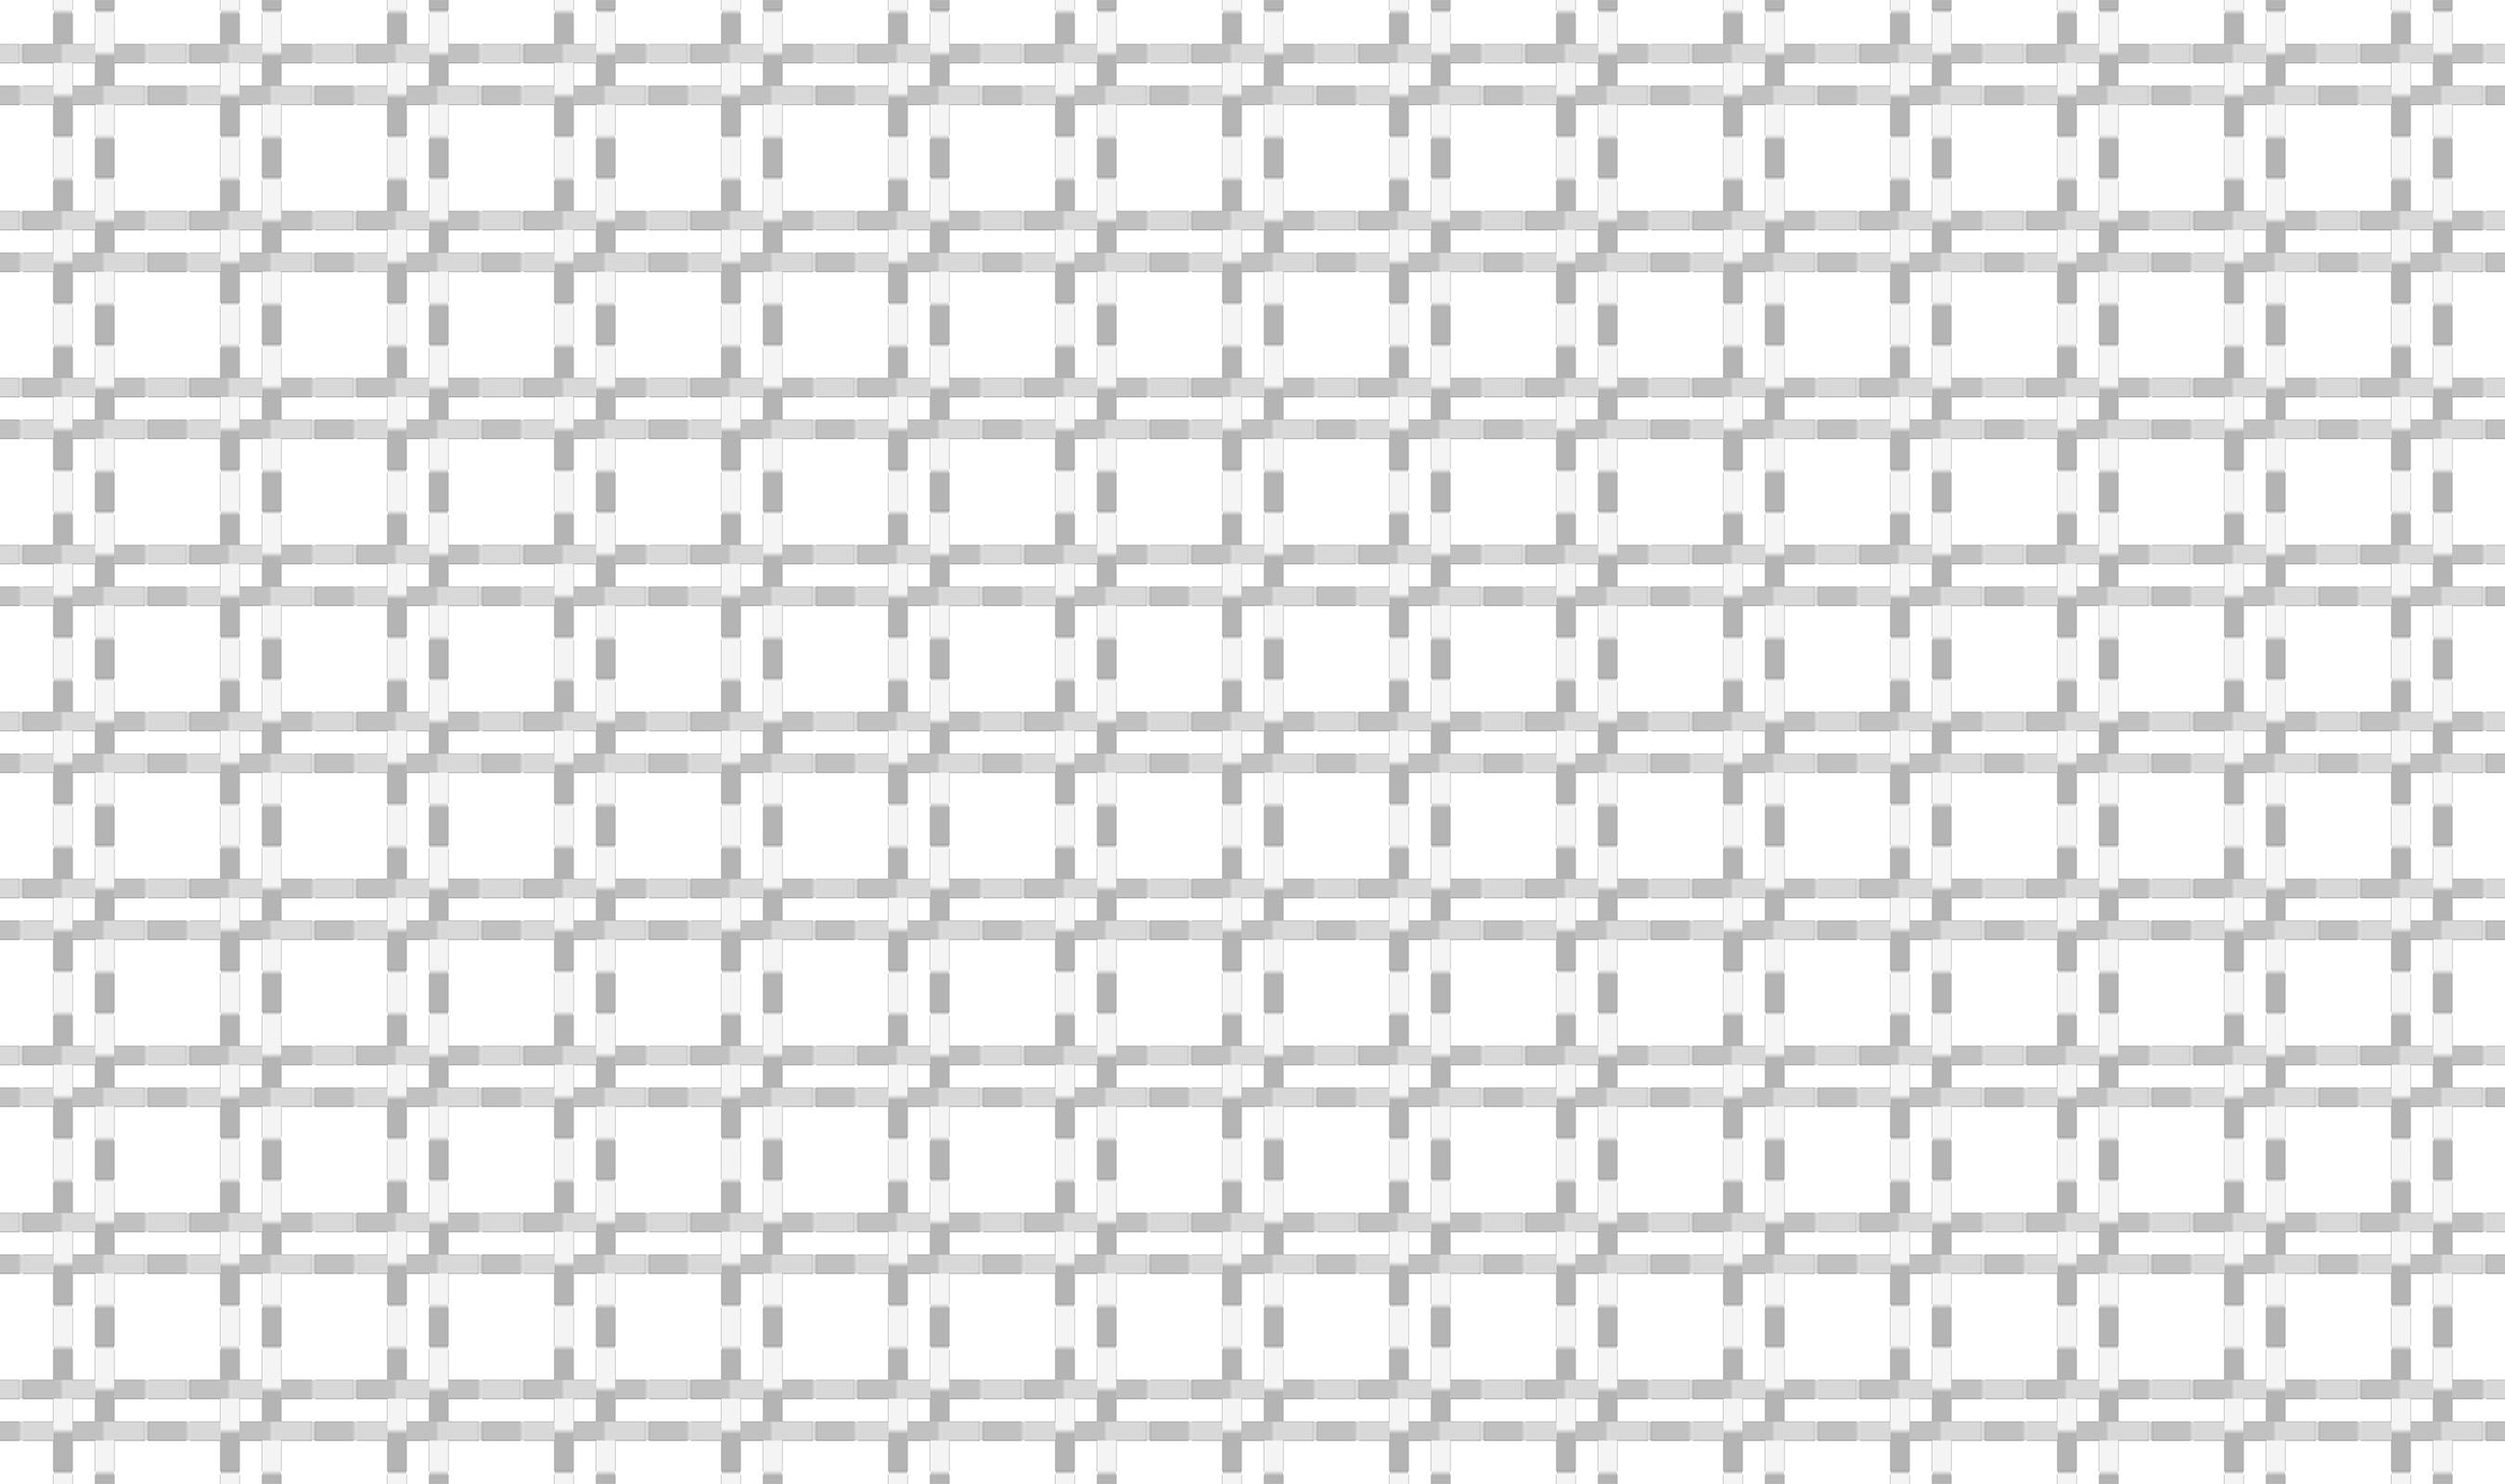 M22-109 square wire woven wire mesh